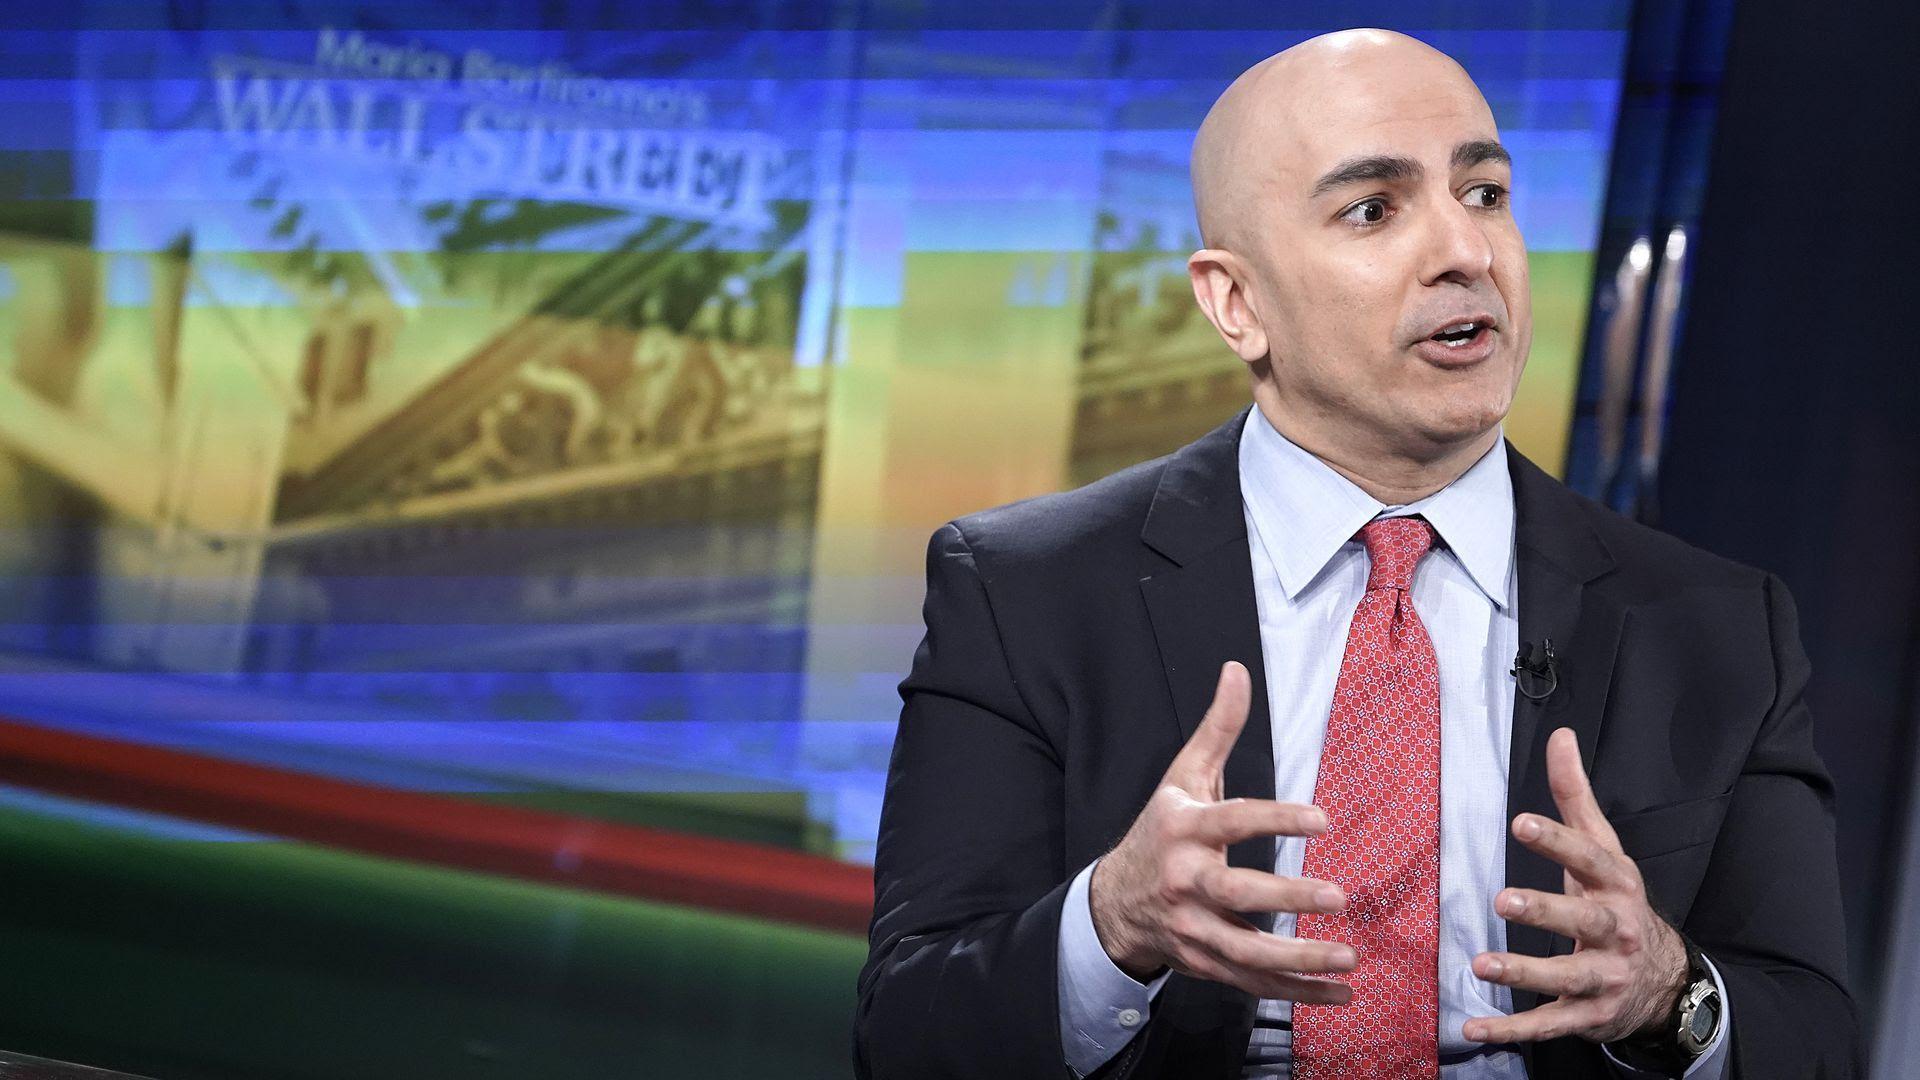 A photo of Minneapolis Fed CEO Neel Kashkari speaking.